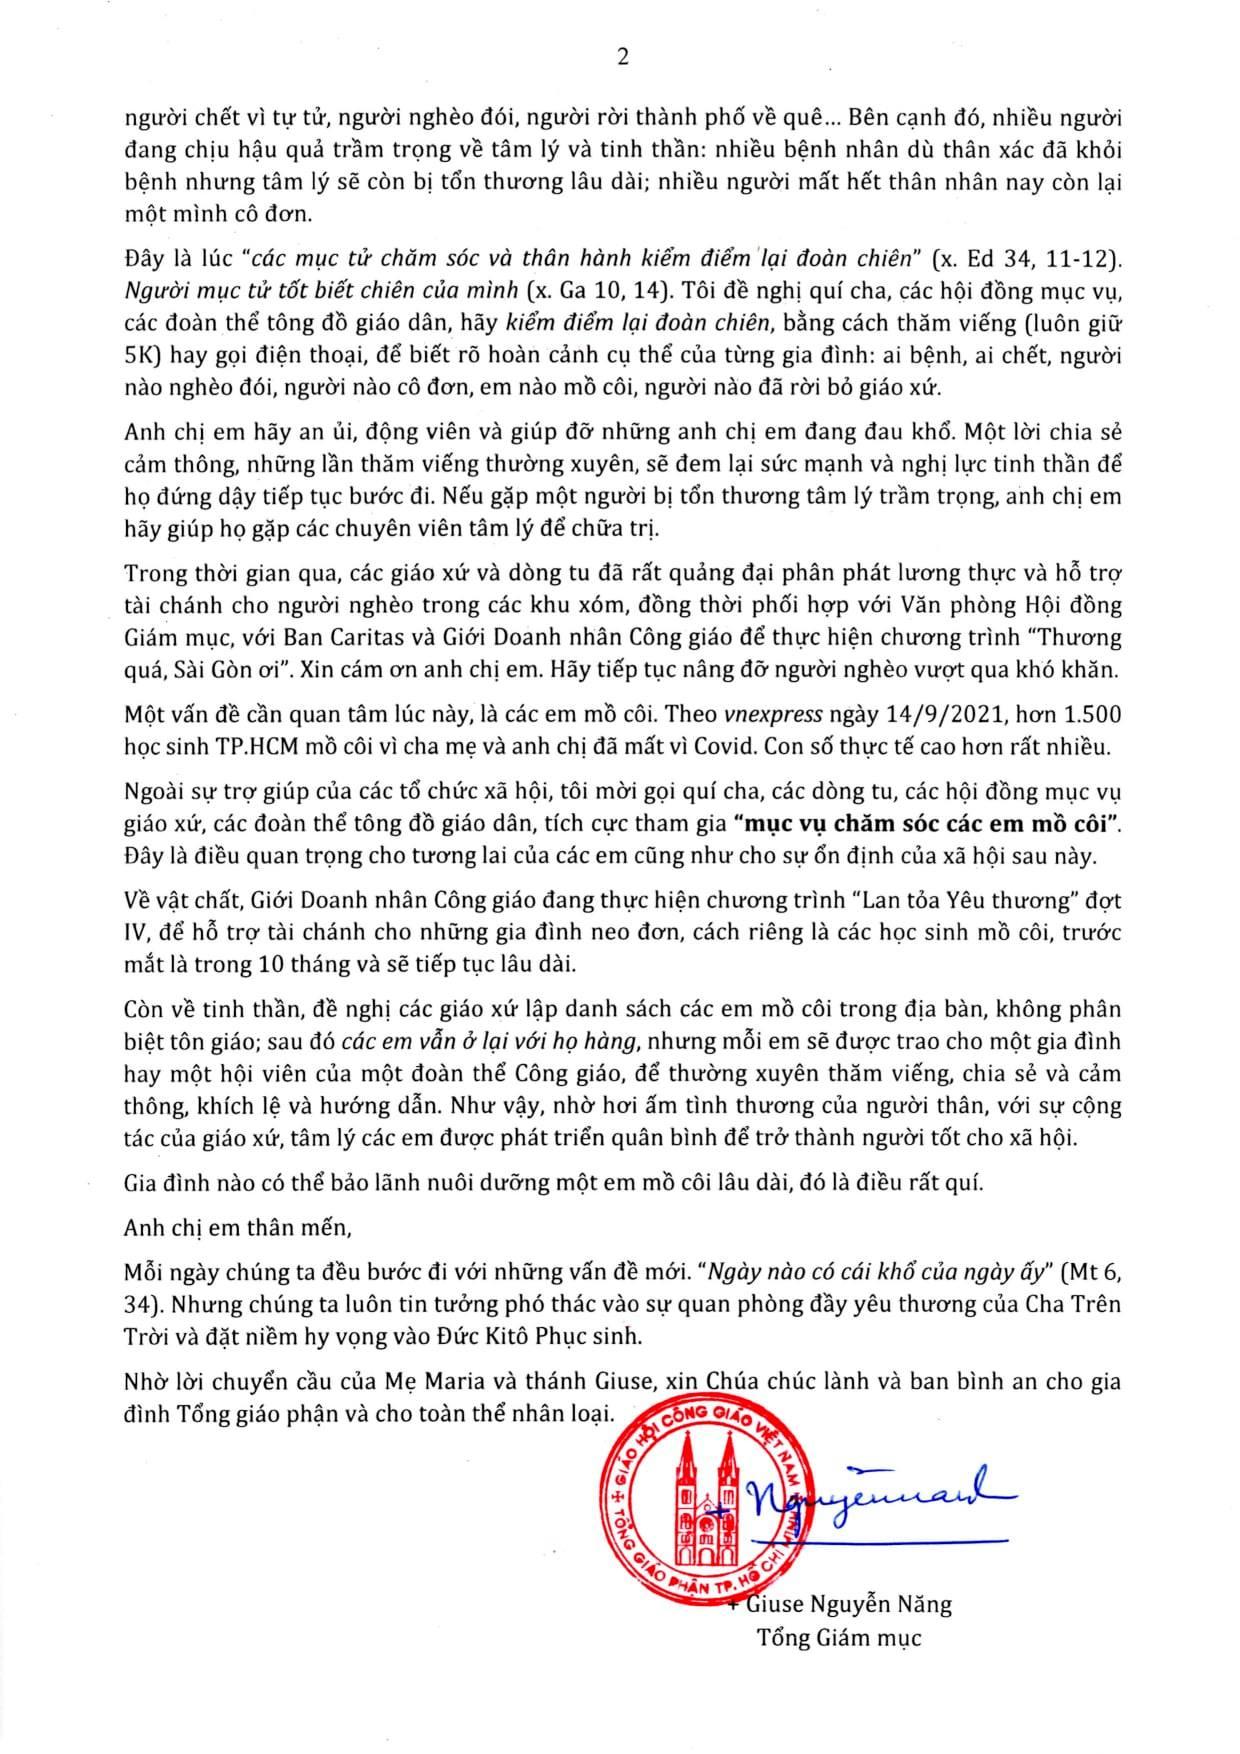 TGM Sài Gòn: Thư Mục Vụ gửi Gia đình Tổng Giáo Phận 04.10.2021